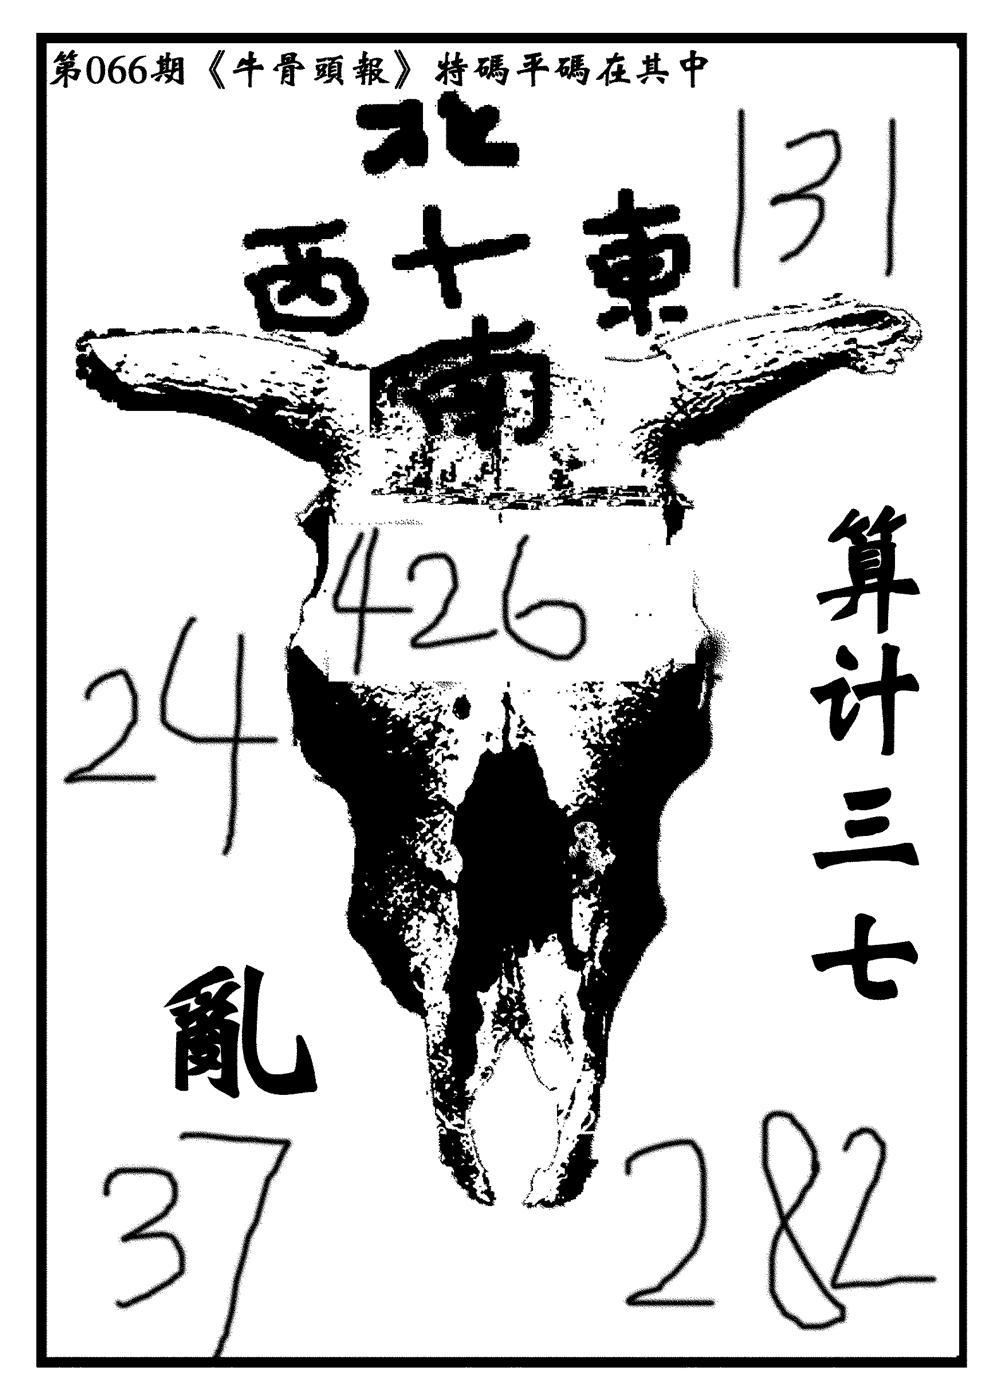 066期牛头报(黑白)